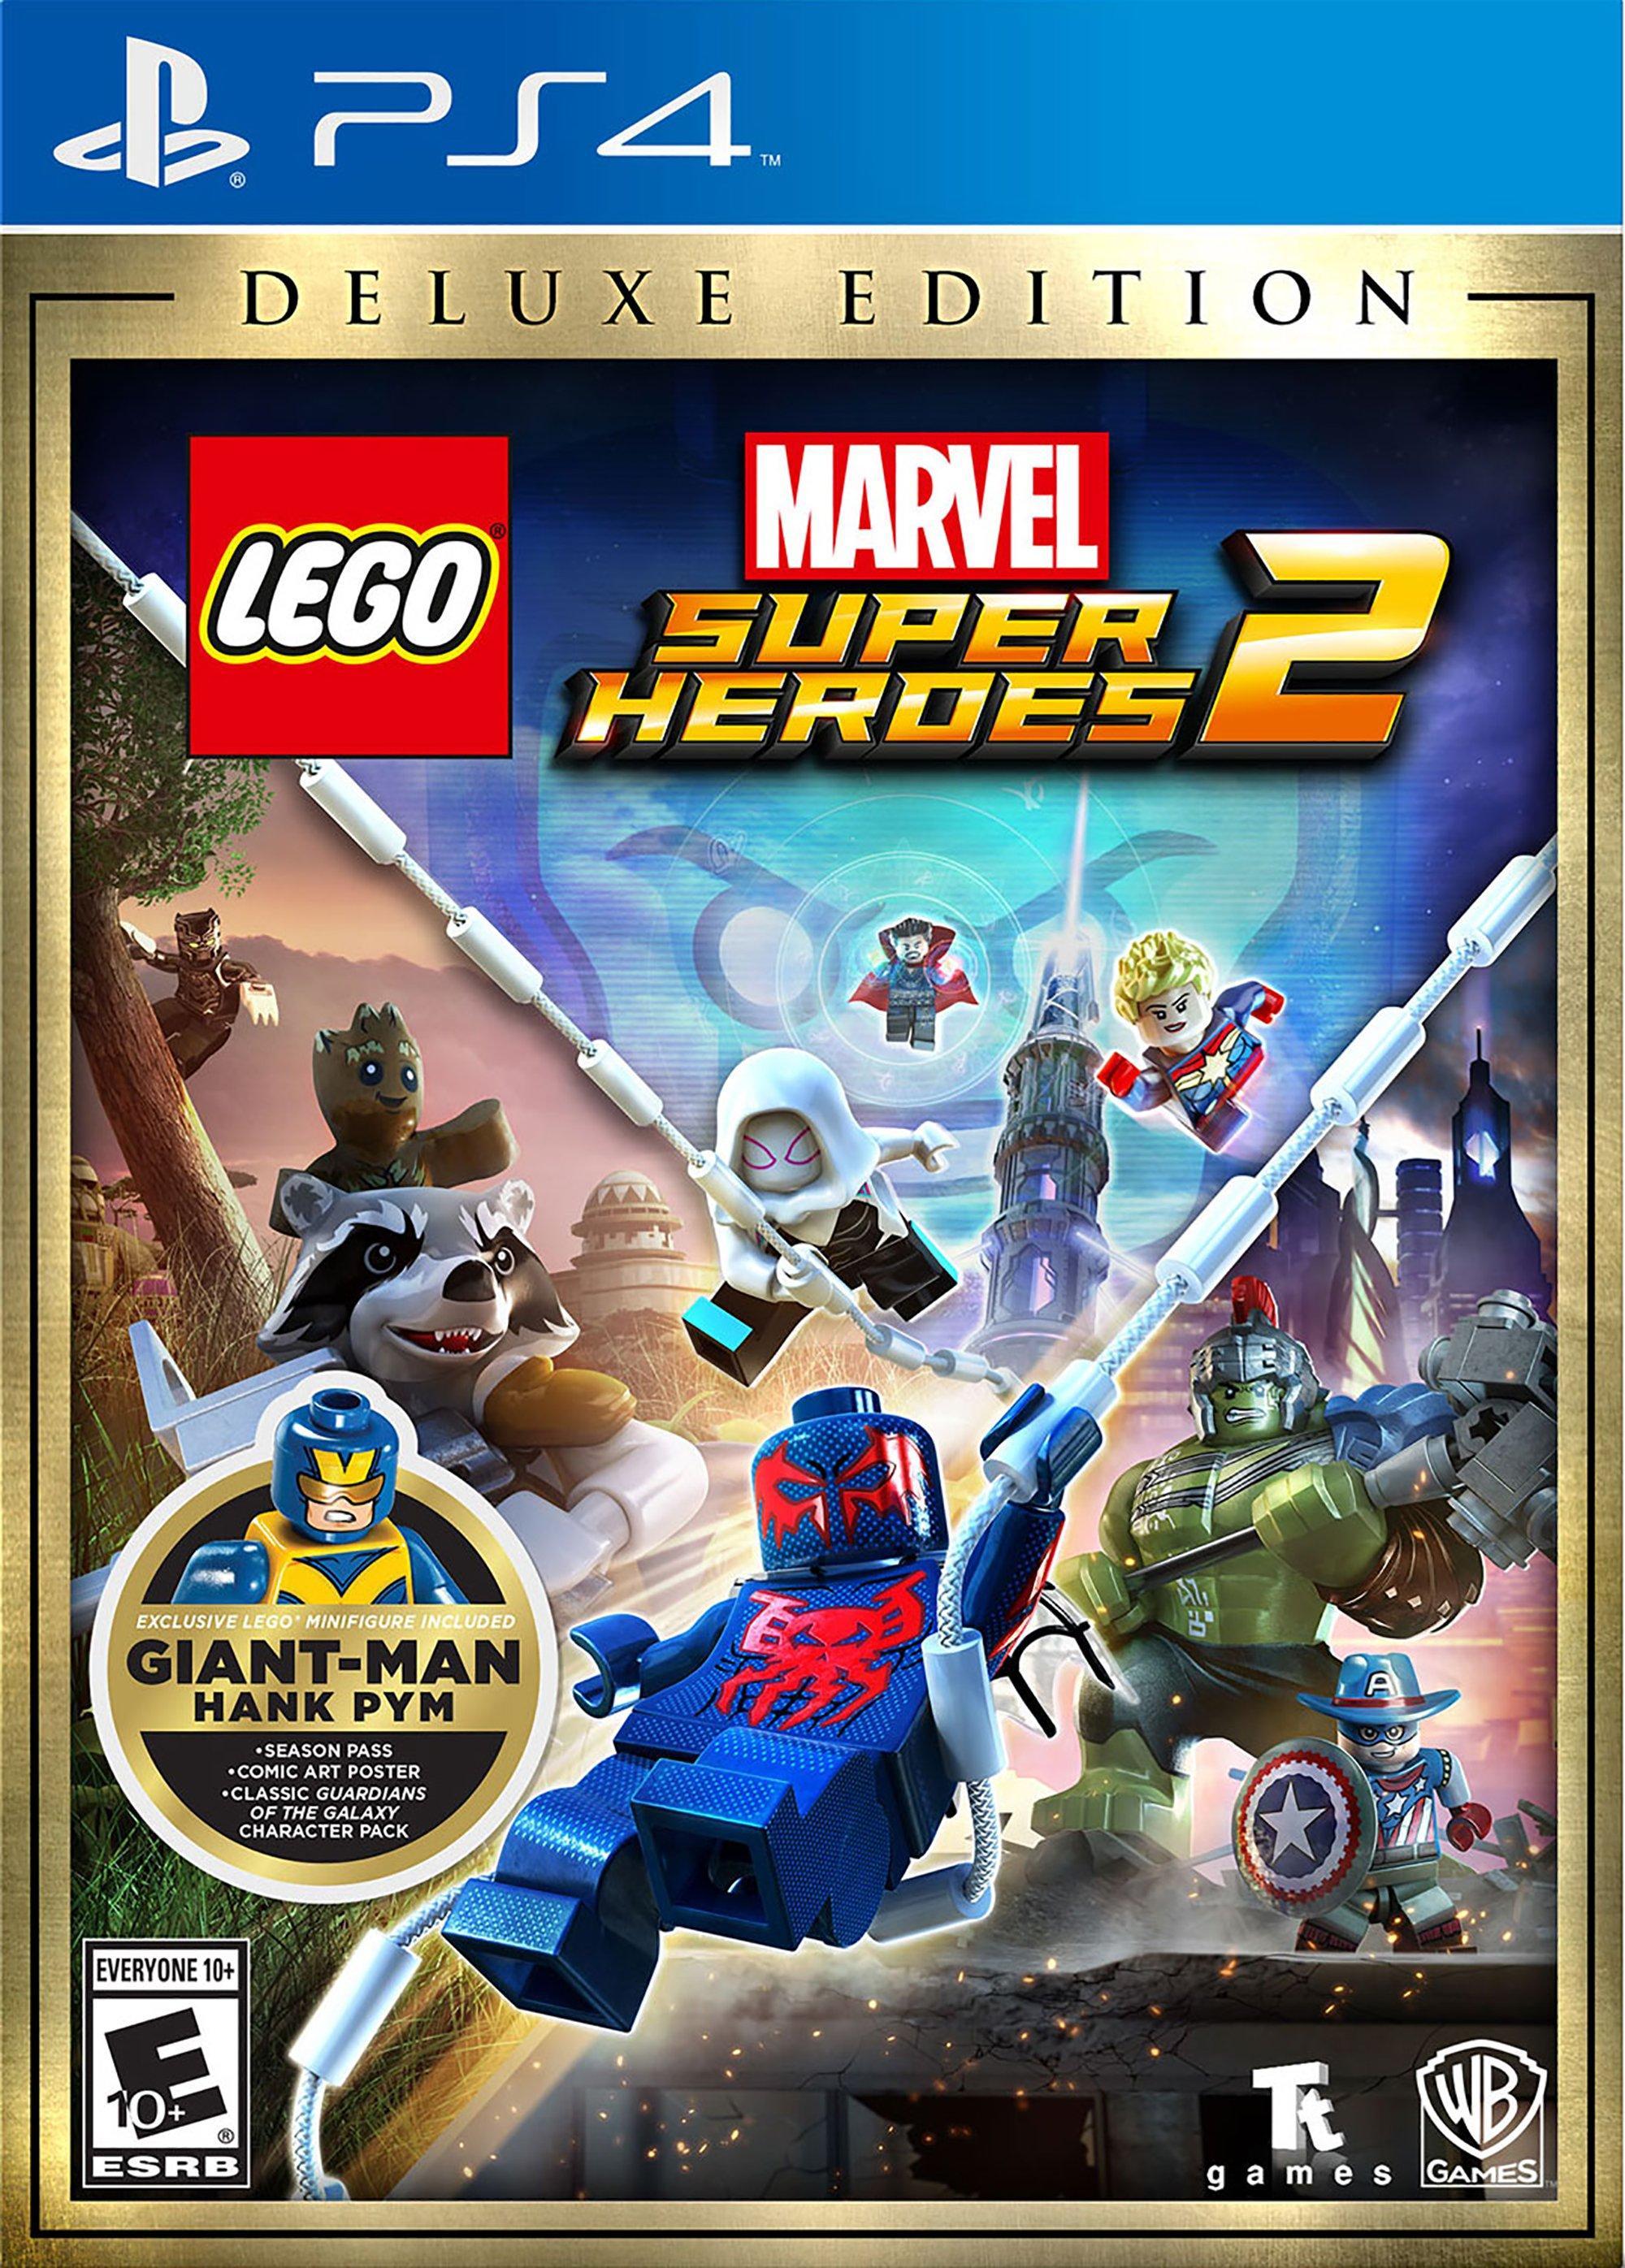 LEGO Marvel Super Heroes 2 Deluxe Edition | PlayStation 4 | GameStop